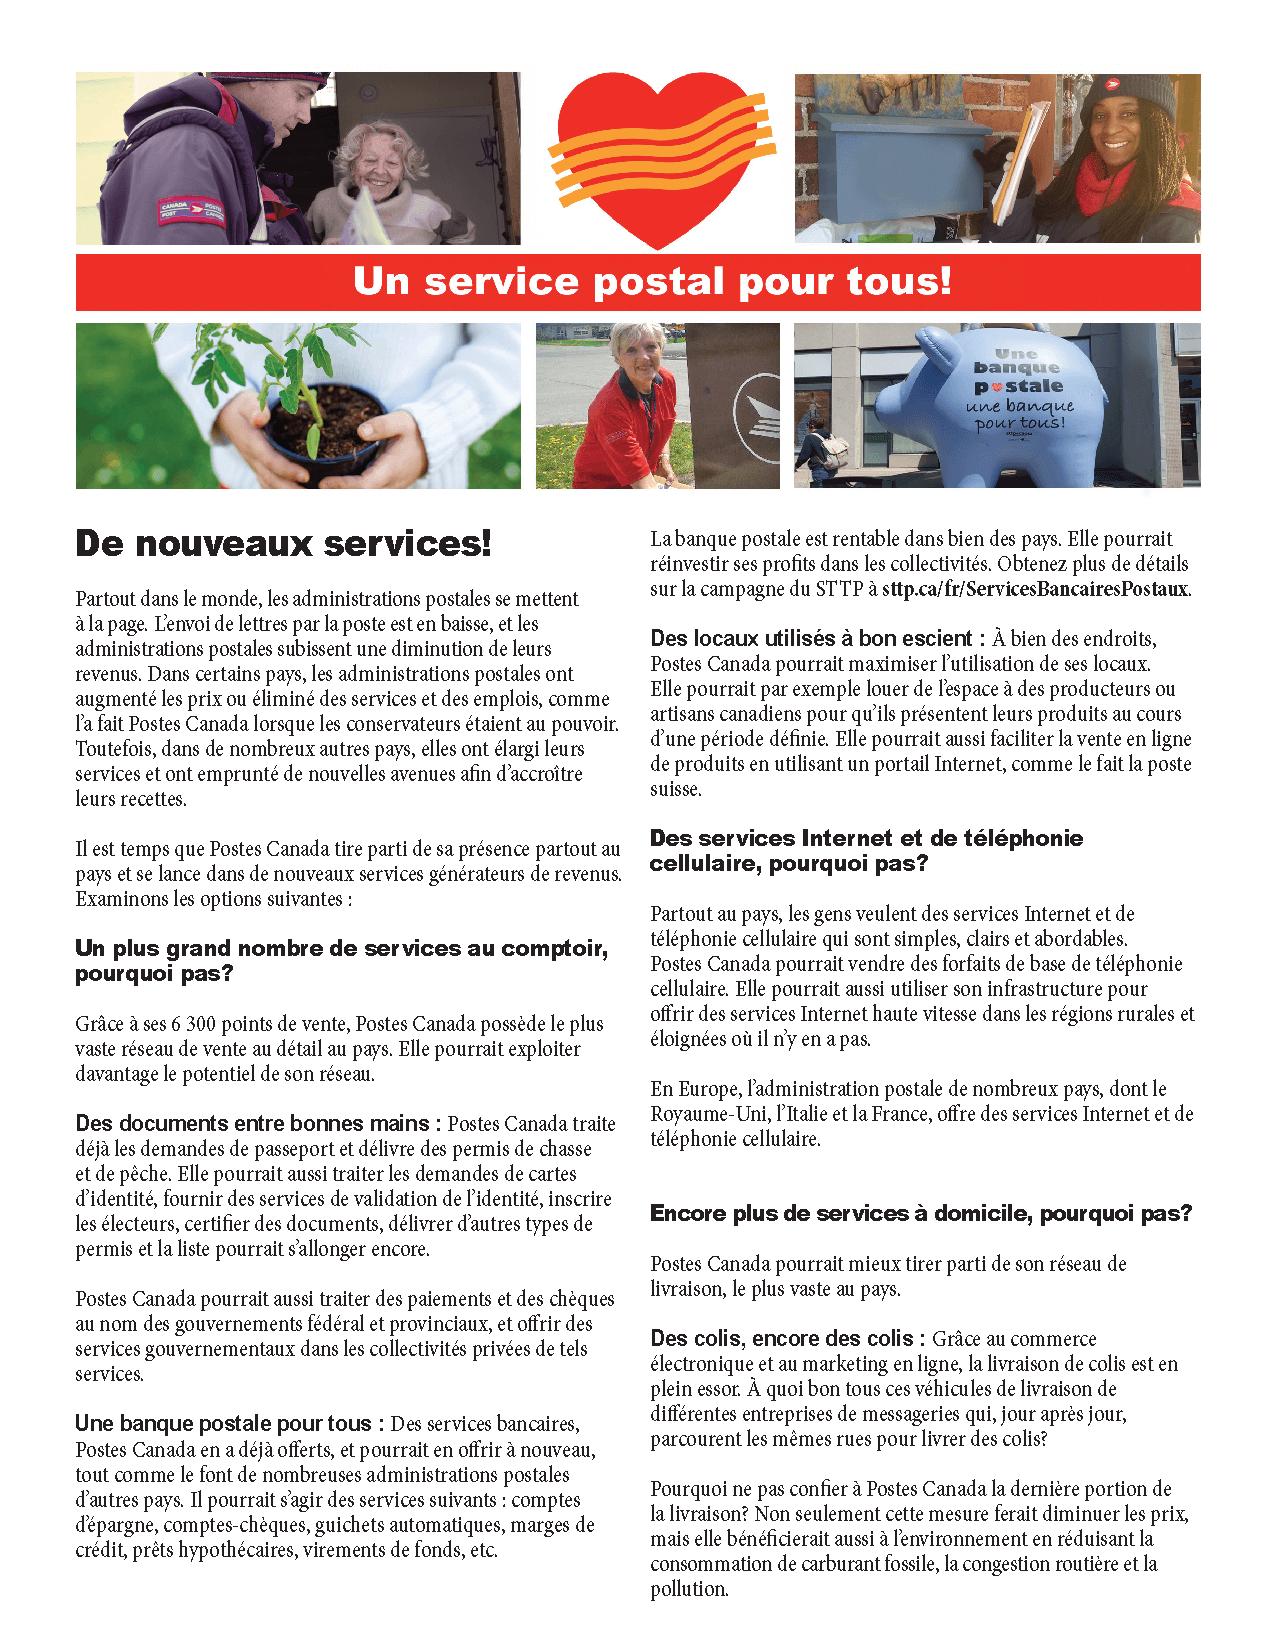 Il est temps que Postes Canada tire parti de sa présence partout au pays et se lance dans de nouveaux services générateurs de revenus.